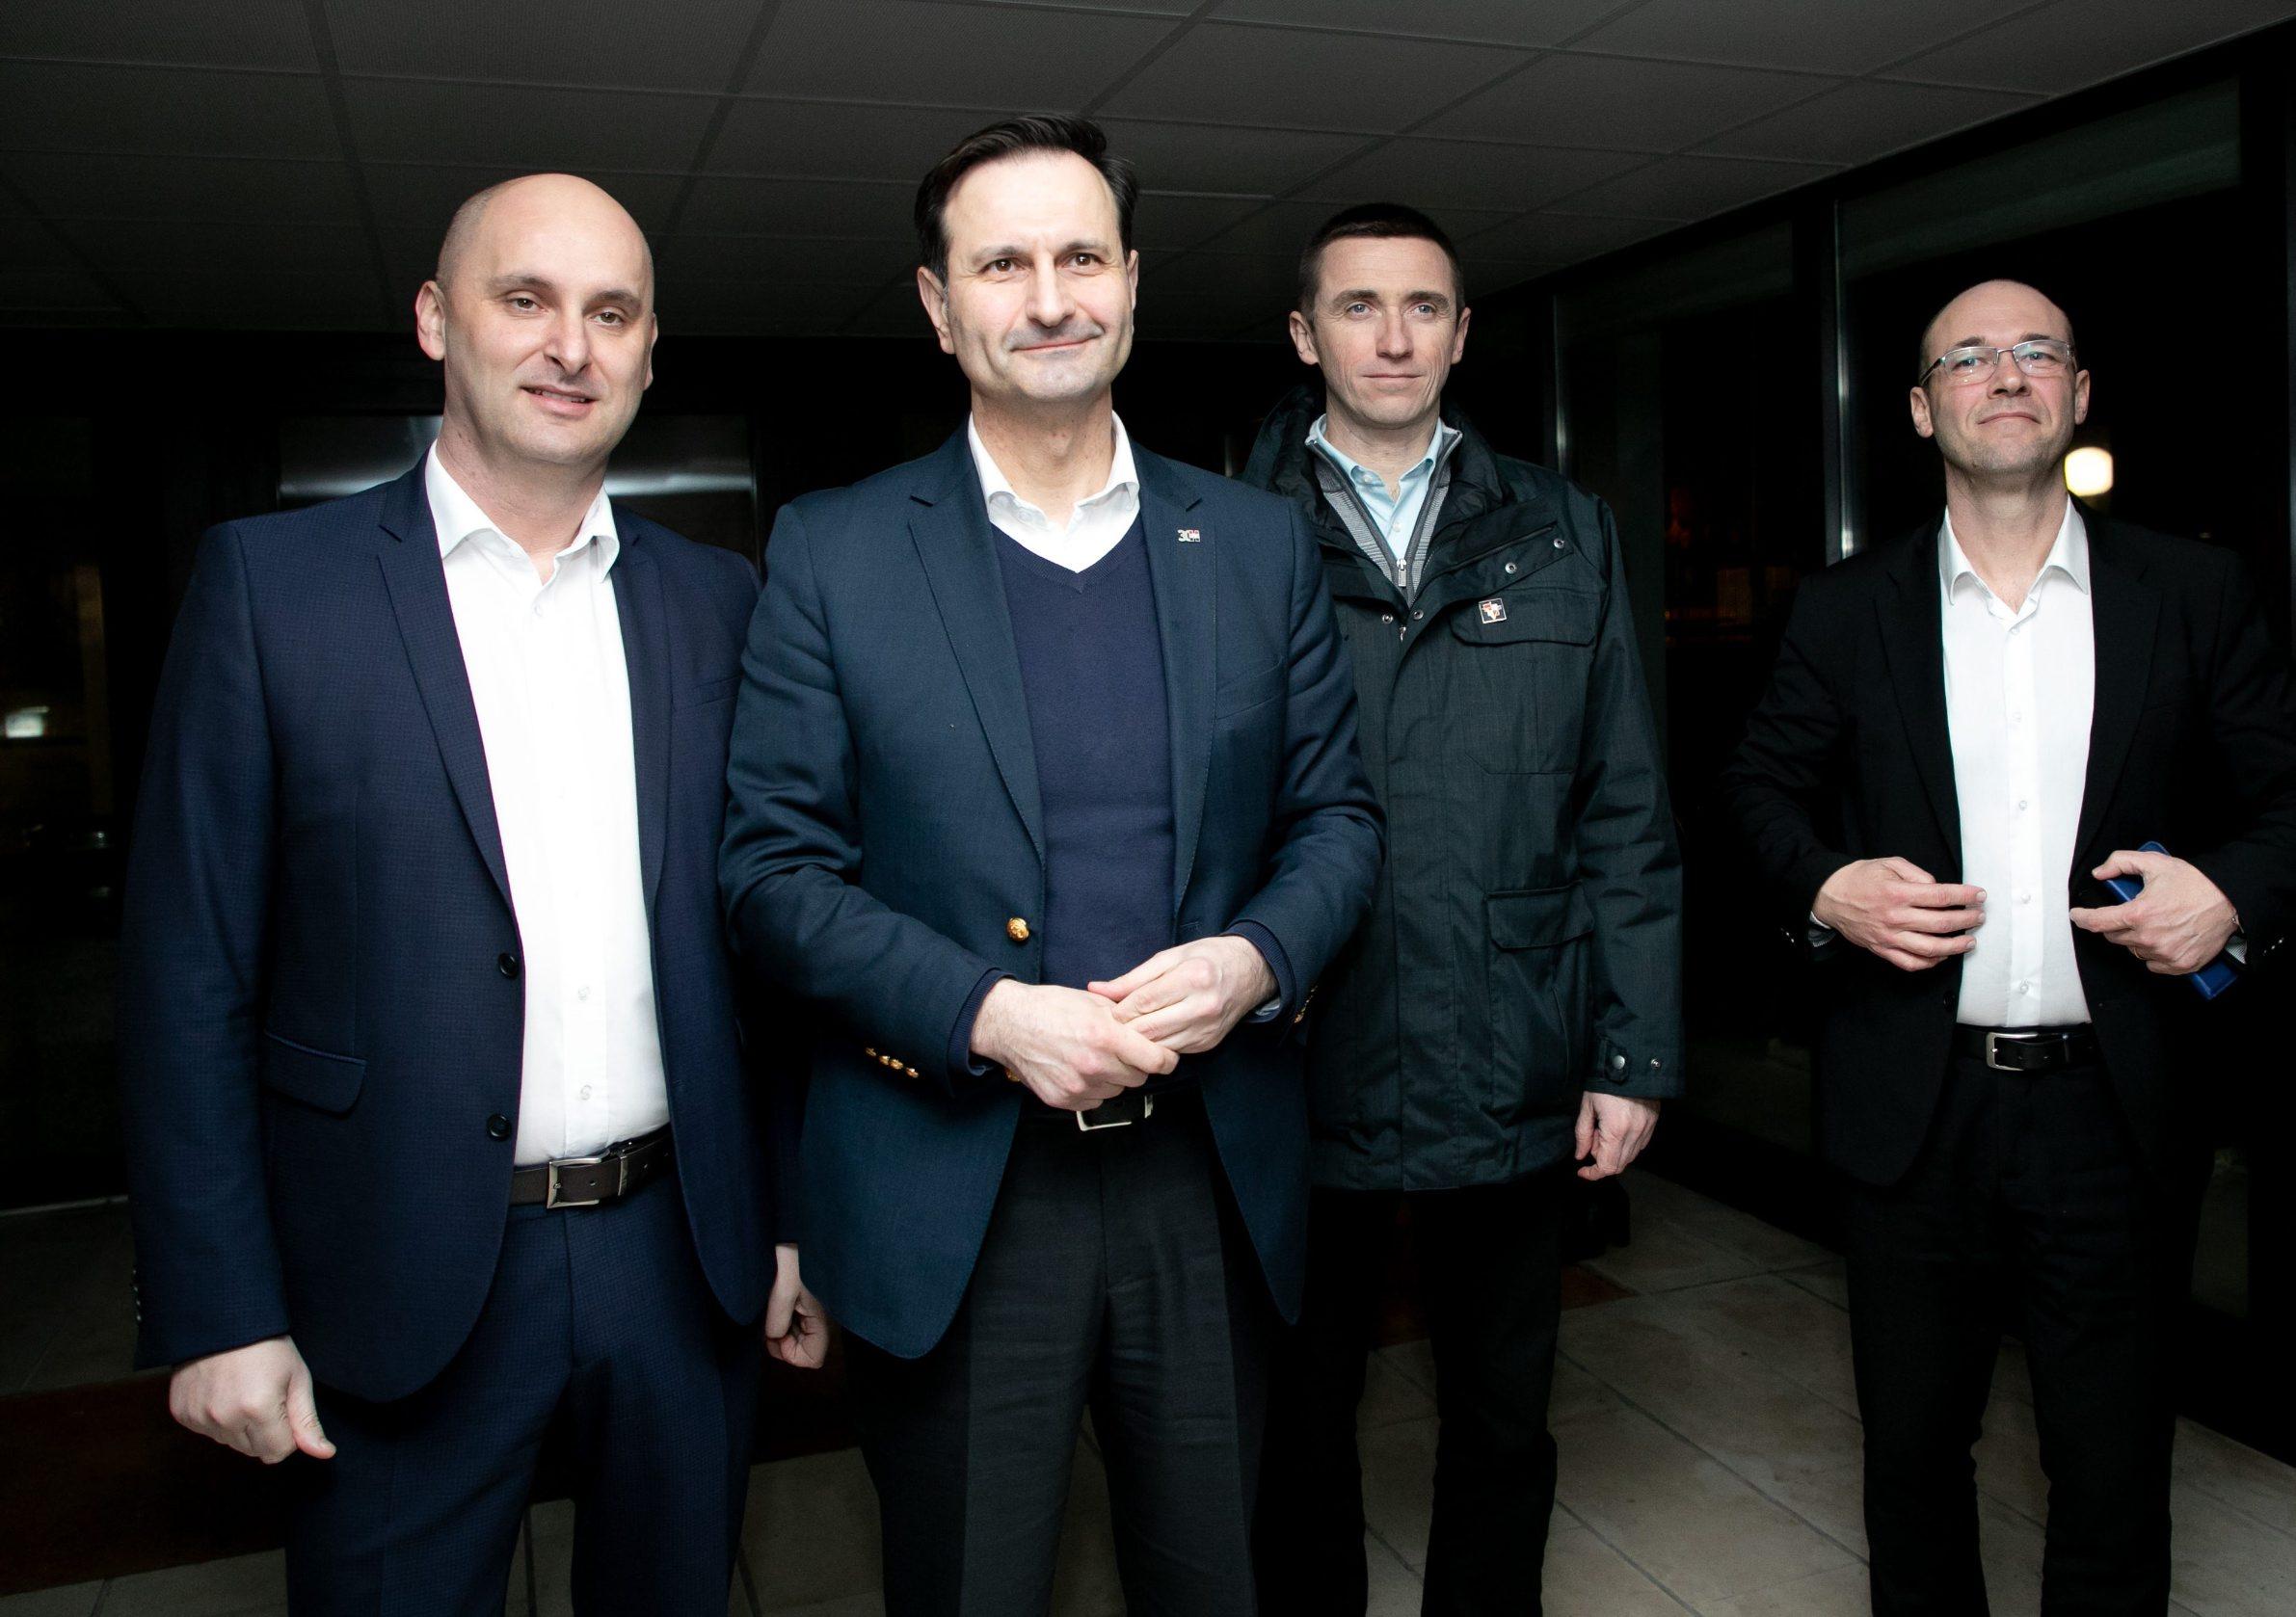 Tomislav Tolušić, Miro Kovač, Ivan Penava, Davor Ivo Stier